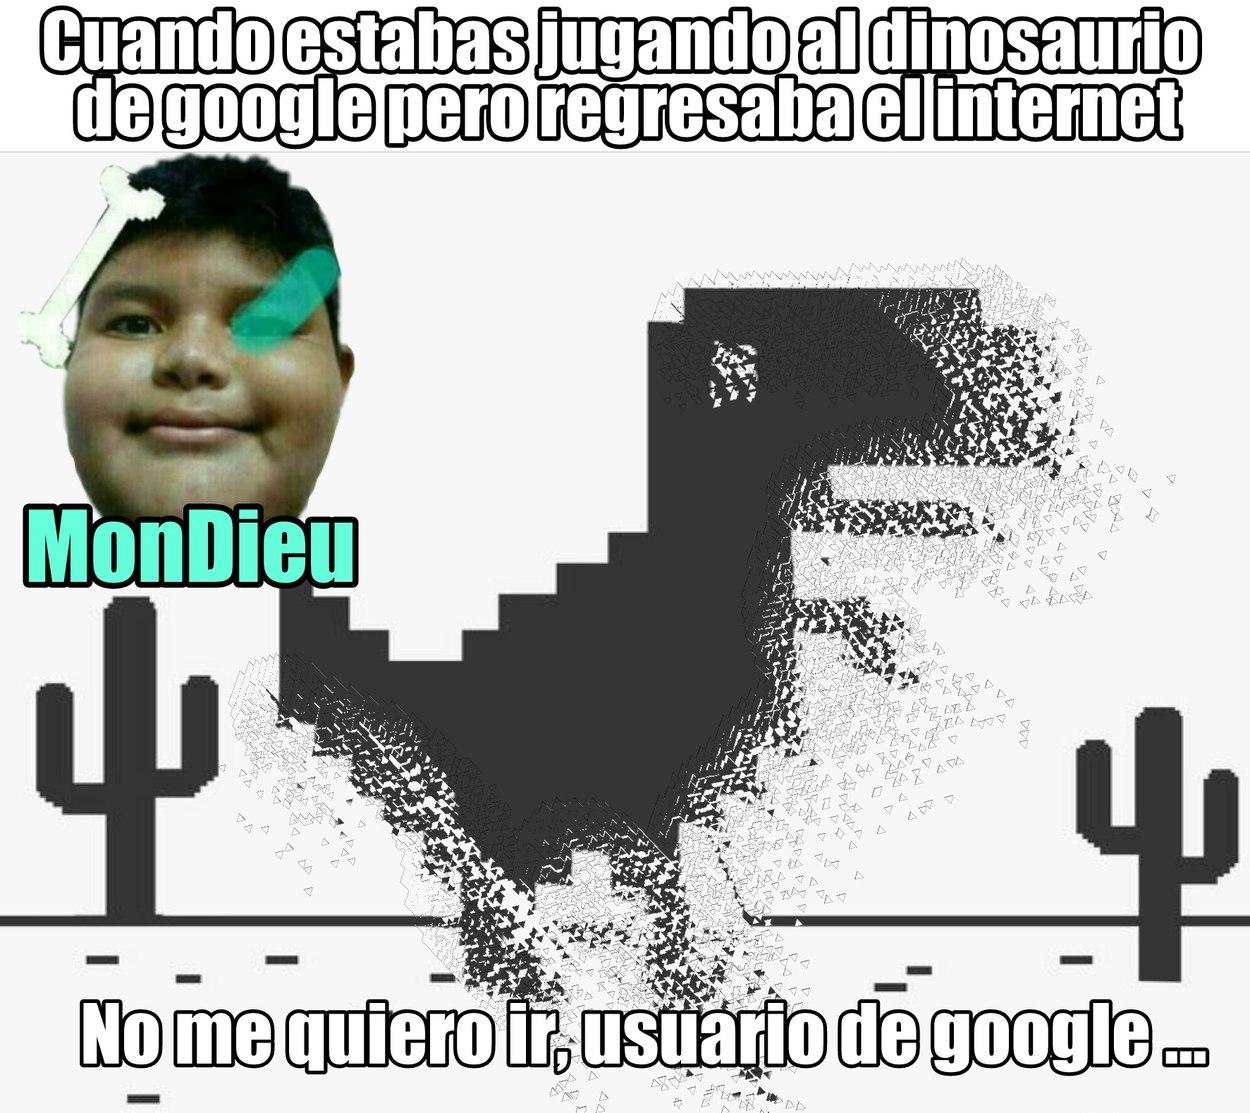 Original Amigos. - meme